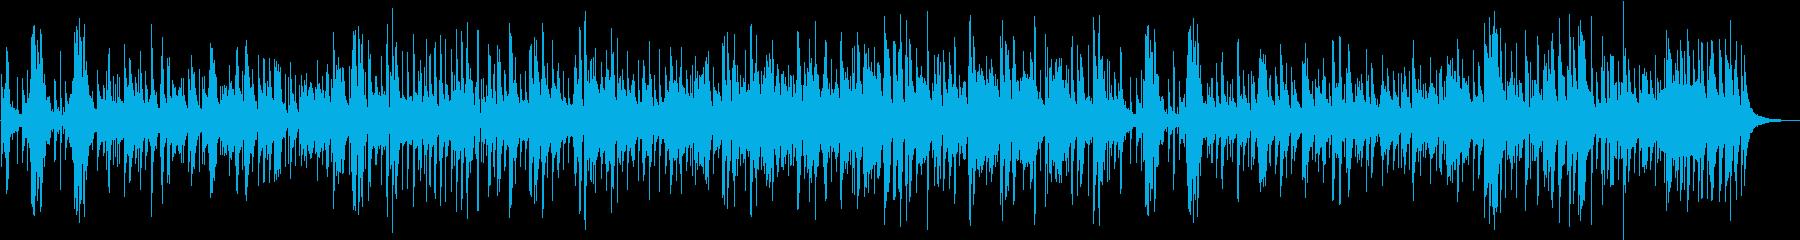 ゆったり爽やかなジャズ楽曲の再生済みの波形